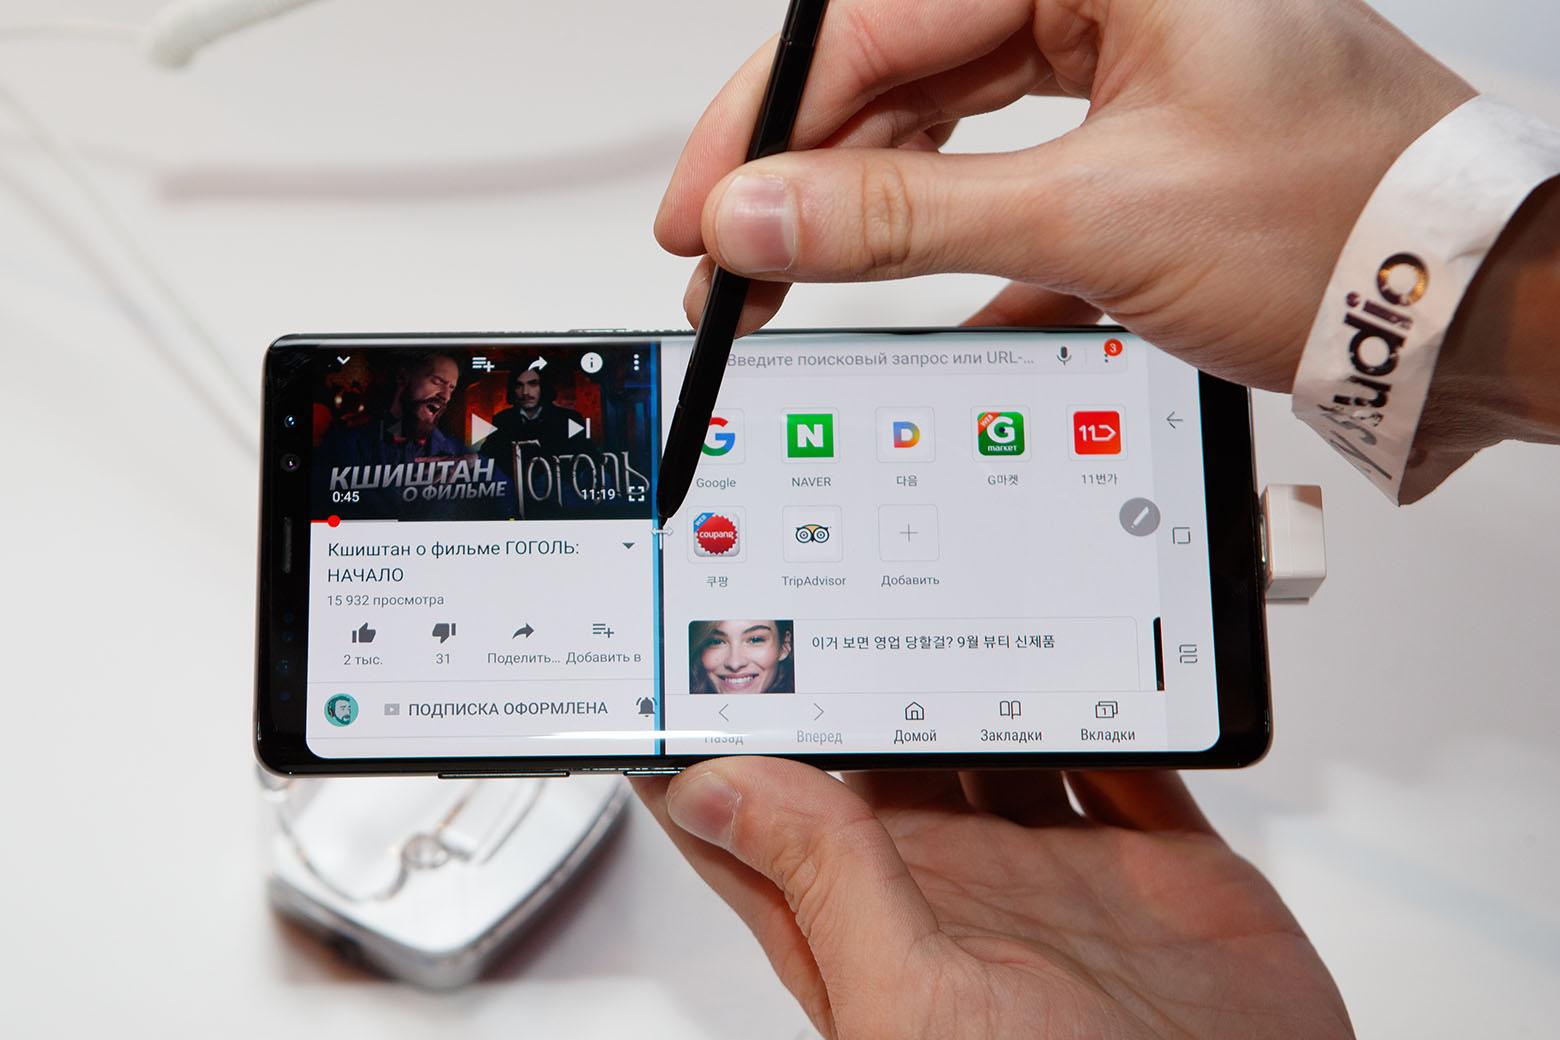 Большая диагональ экрана позволяет с легкостью отображать на дисплее два приложения сразу.